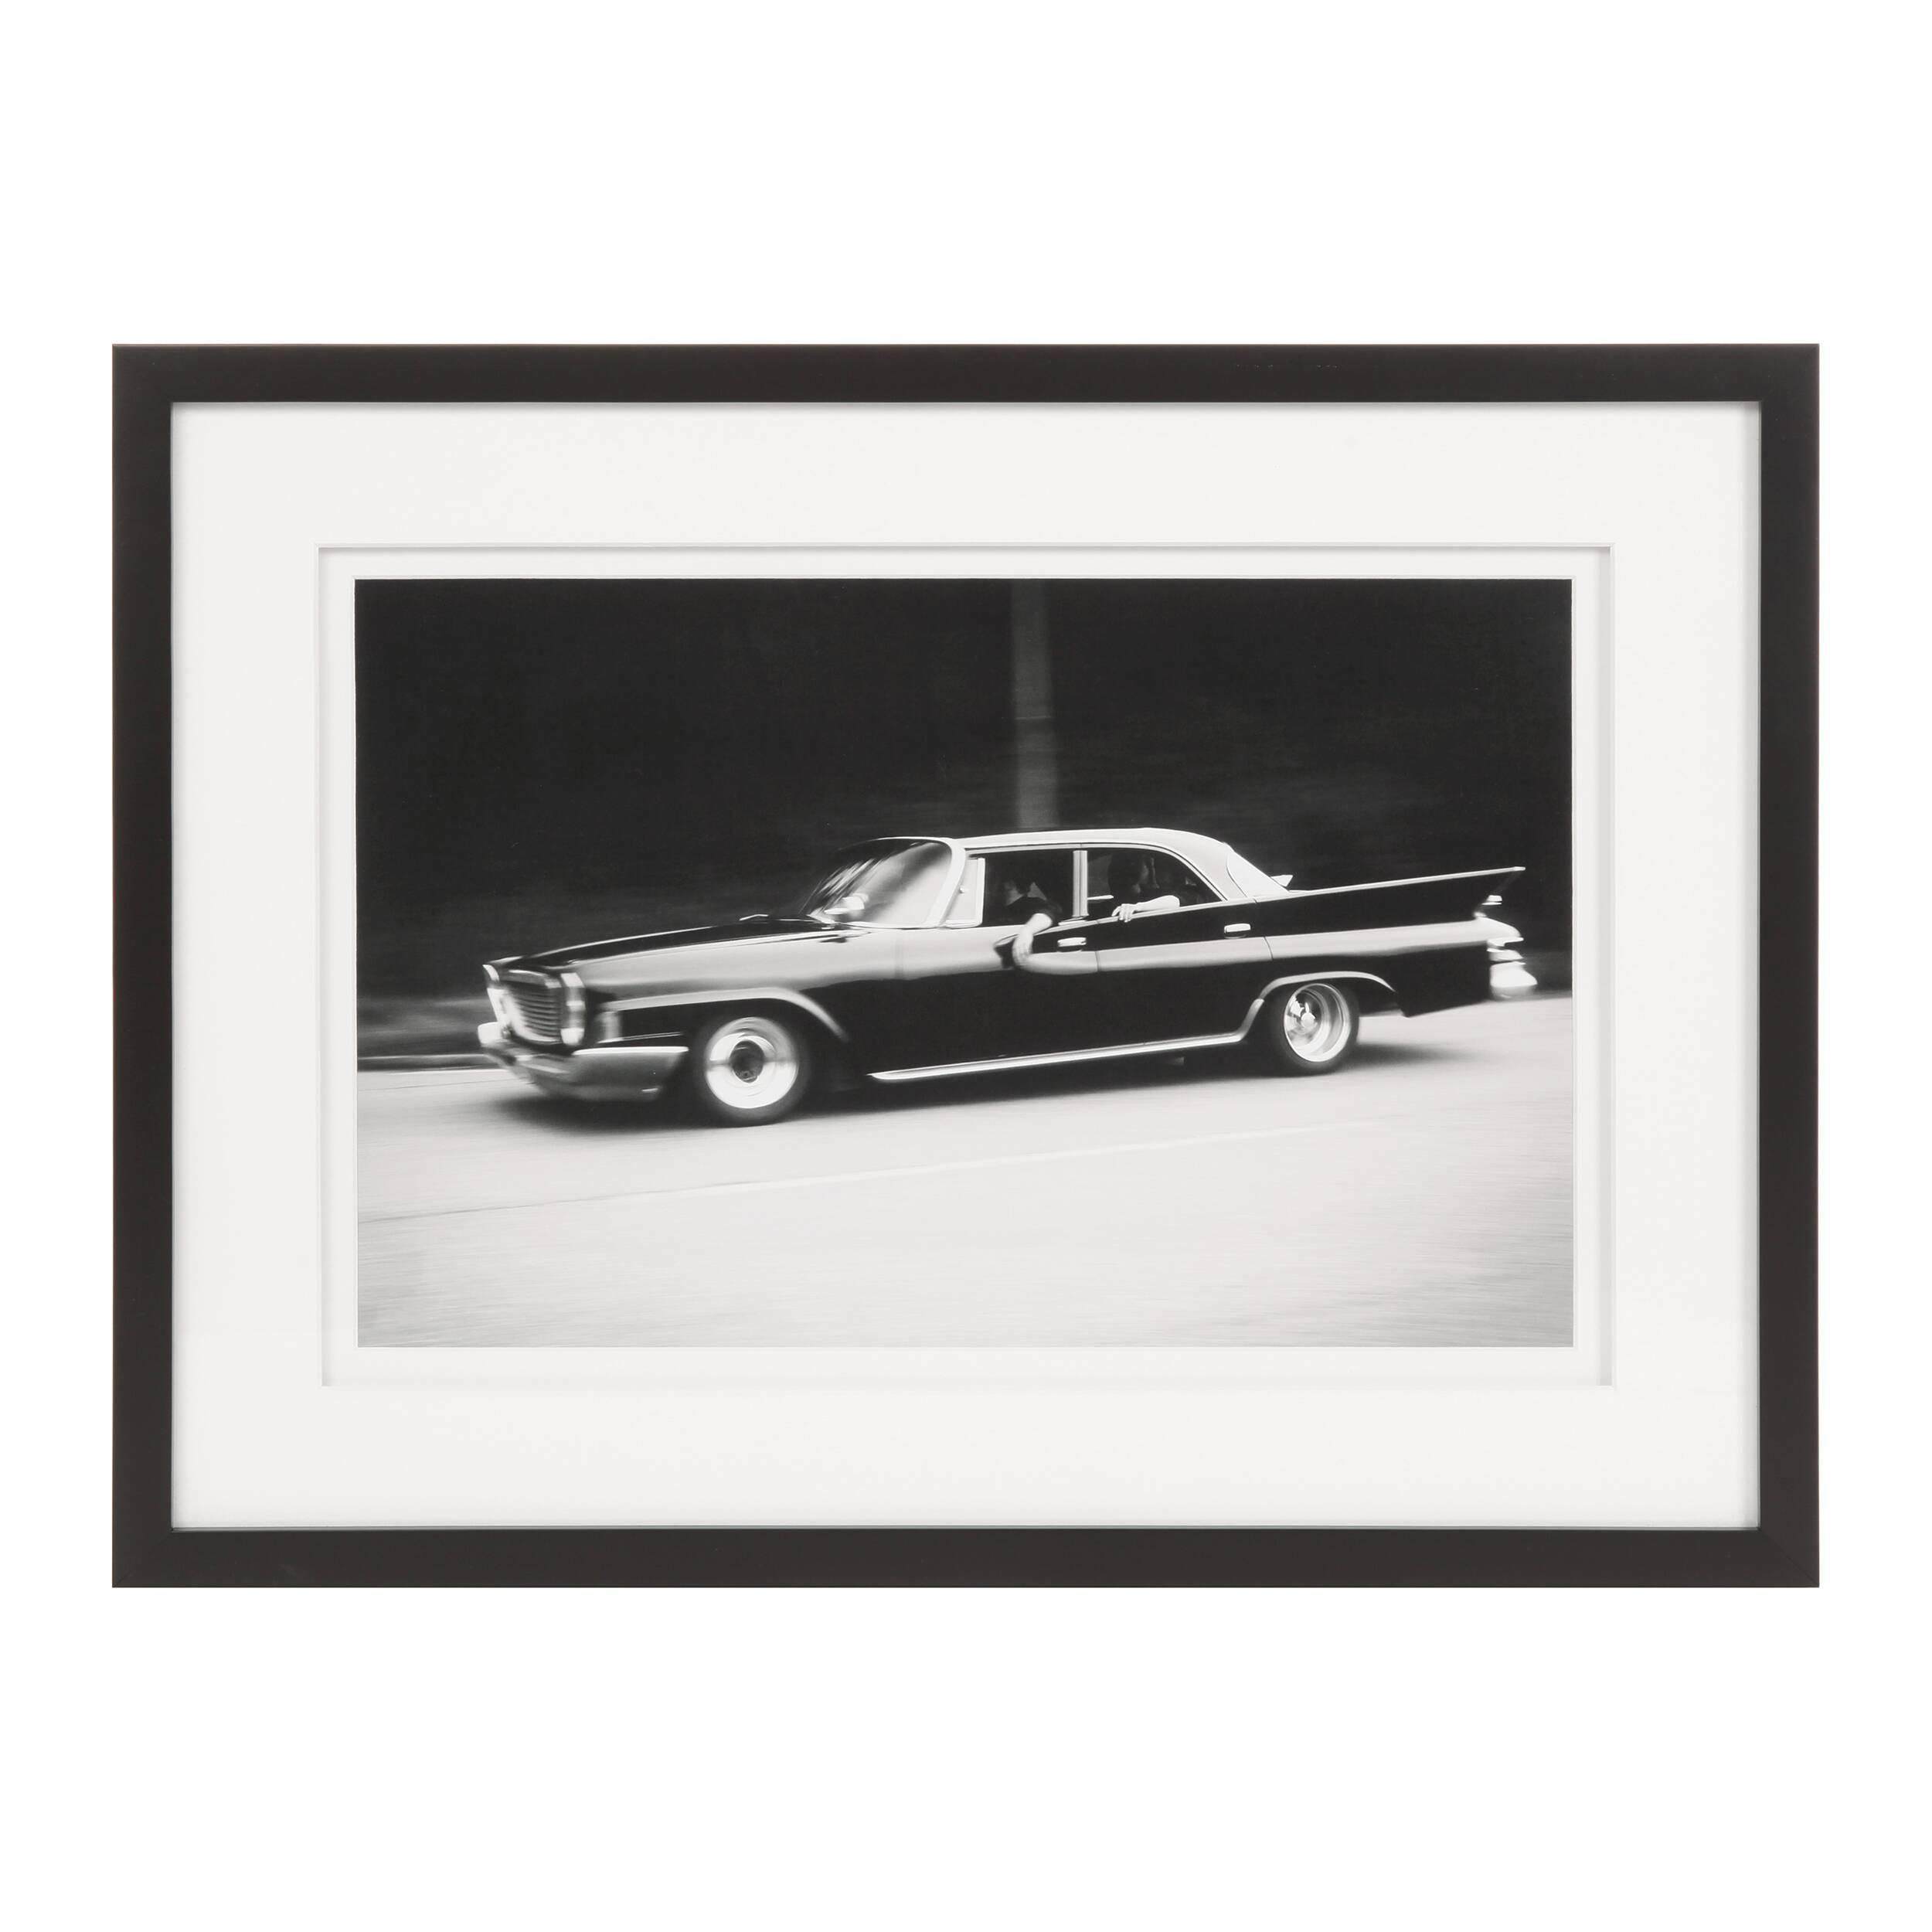 Постер Chrysler 330GКартины<br>Дизайнерский постер Chrysler 330G (Крайслер 330G) обладает атмосферным исполнением и живым, динамичным сюжетом. Глядя на него, так и хочется запрыгнуть в авто и покататься по любимым улицам или пригородным шоссе.<br><br> Оригинальный постер Chrysler 330G выполнен в черно-белой гамме – это необычайно популярный сегодня жанр фотографии, который способен придать изображению интересный характер, подчеркнуть его особенности и привлечь внимание к деталям. Фотография находится на белоснежном фоне и ...<br><br>stock: 2<br>Ширина: 42,6<br>Цвет: Черный<br>Длина: 57,6<br>Цвет дополнительный: Белый